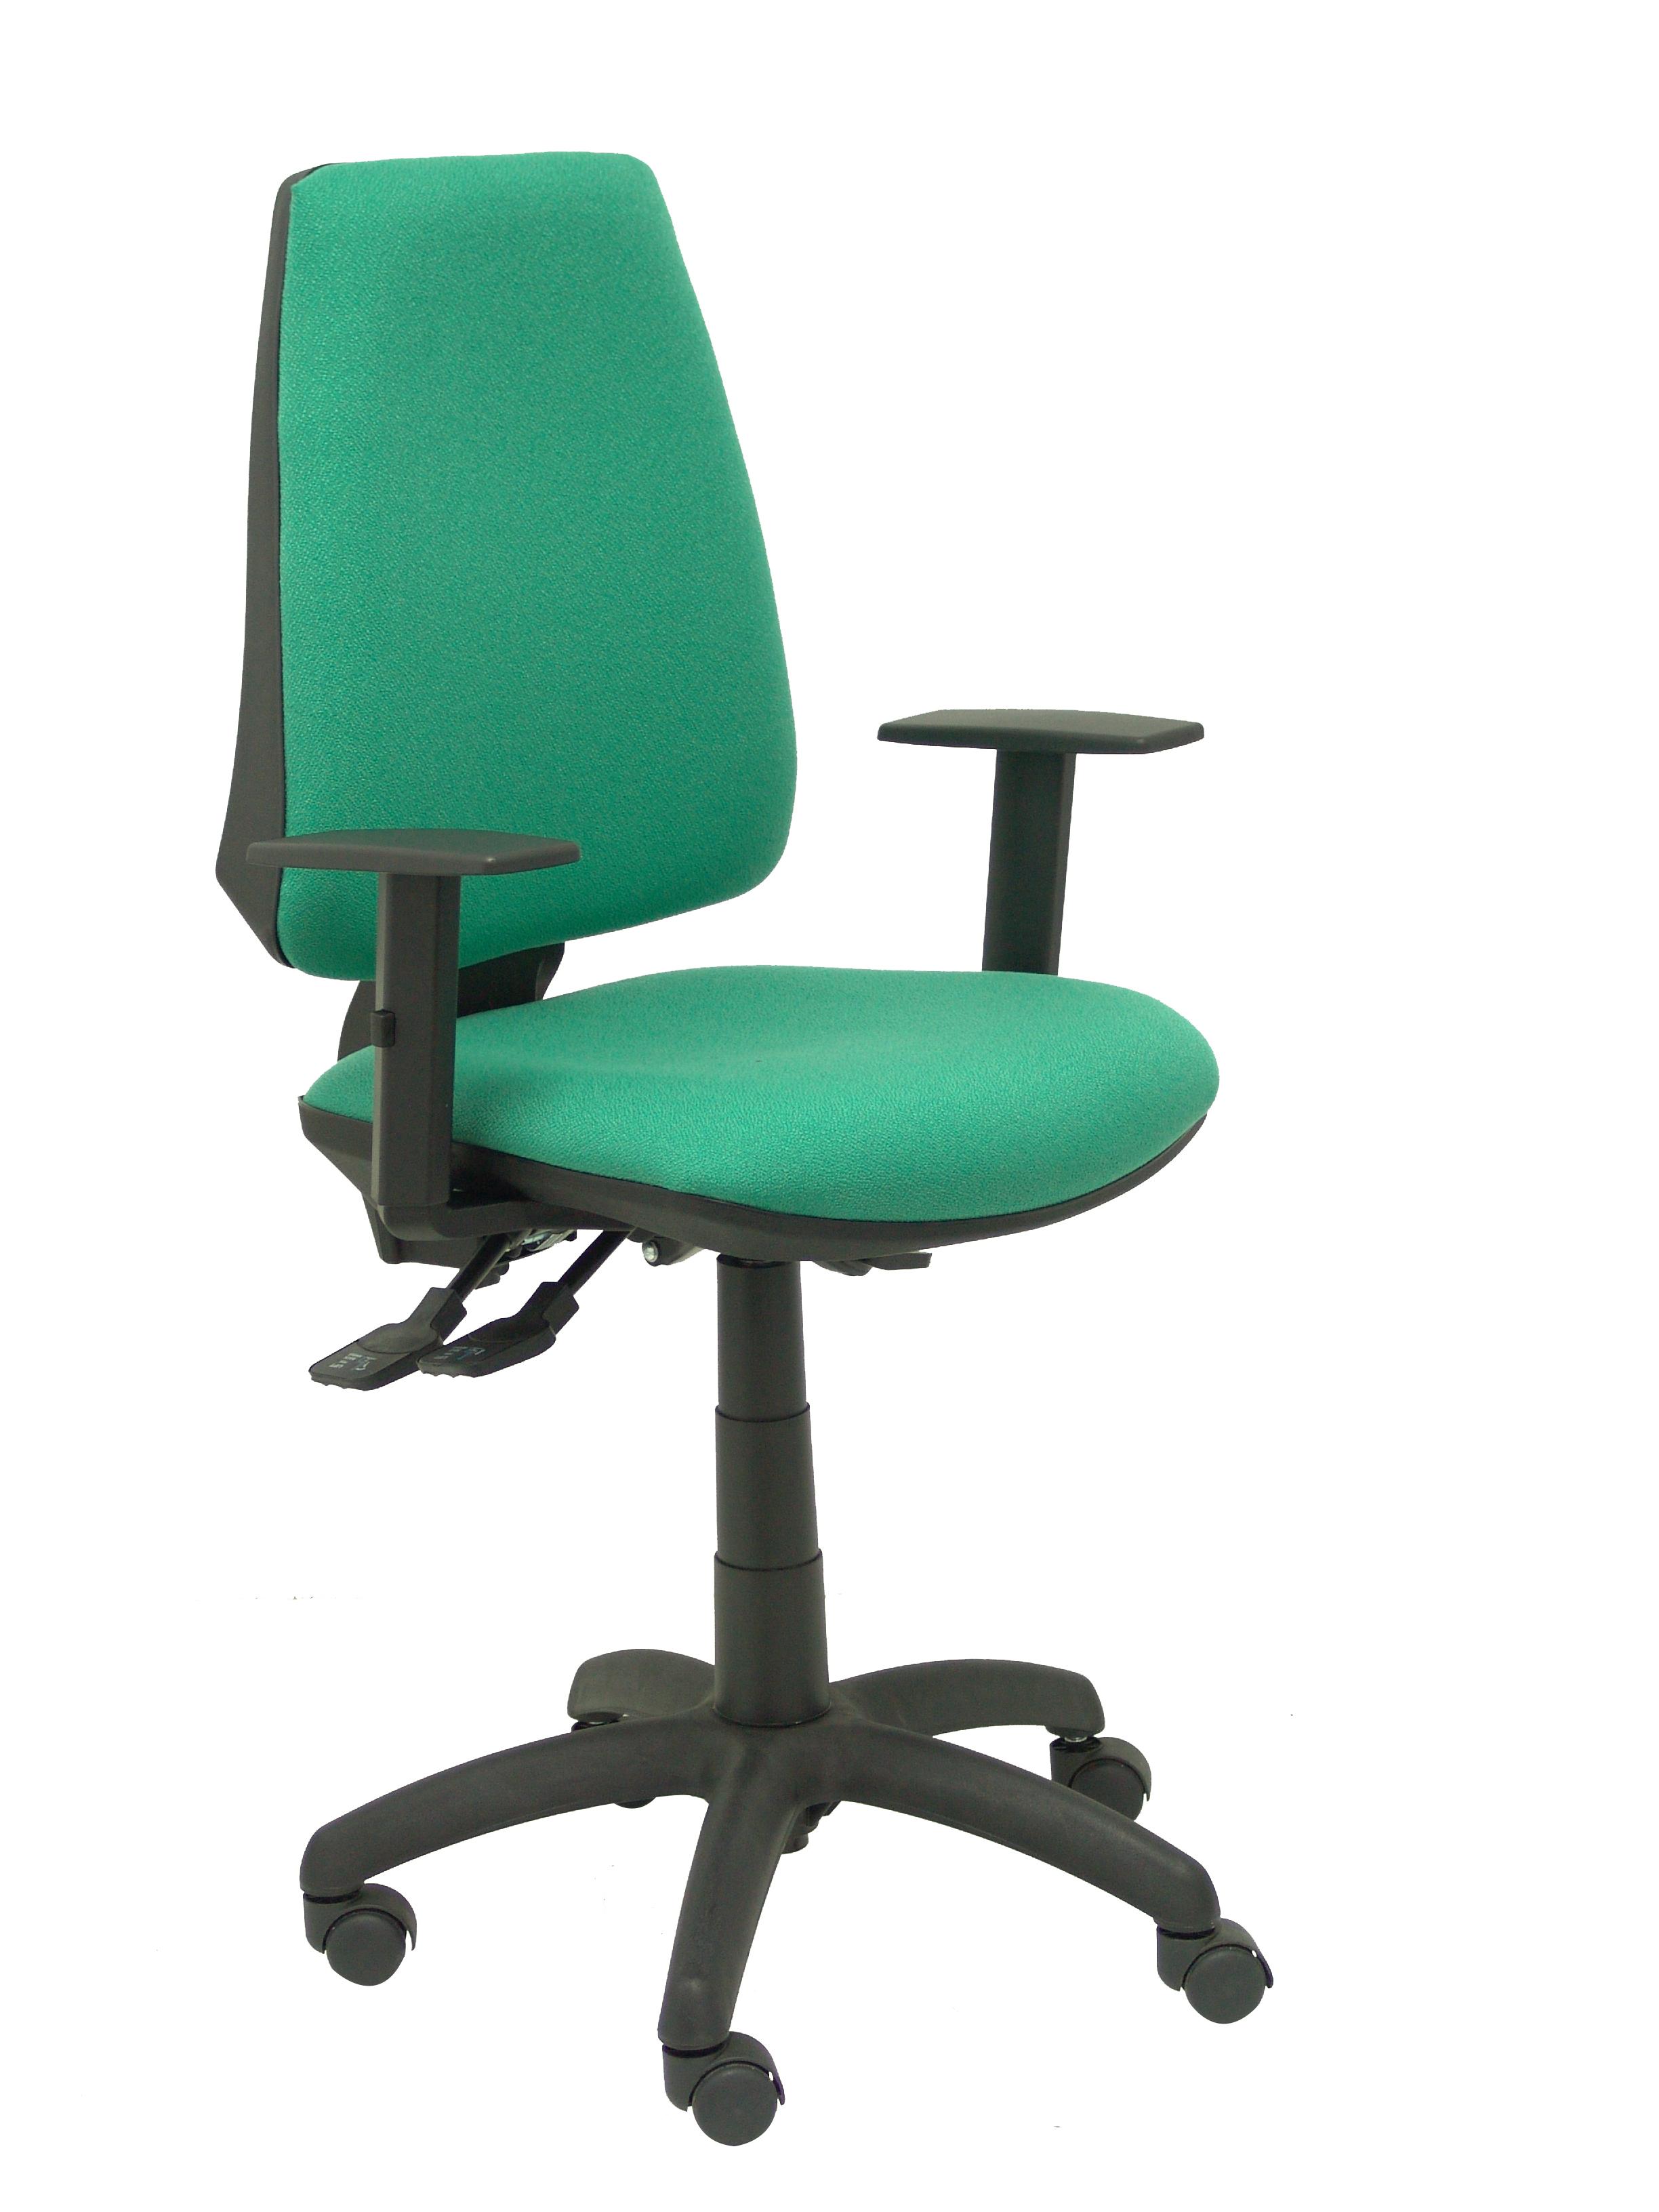 Silla Elche S bali verde brazos regulables